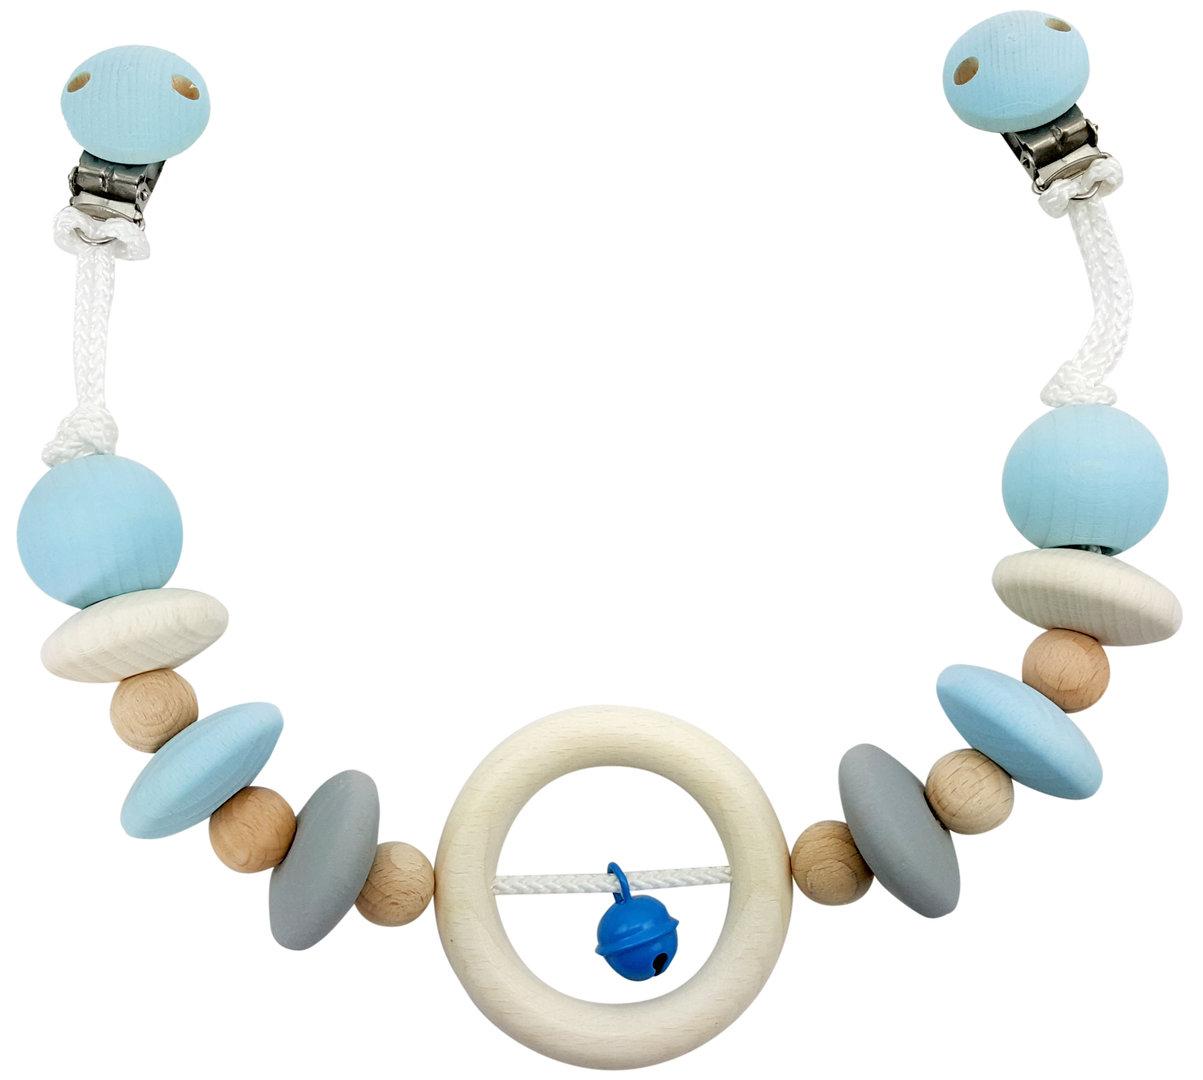 Hess Závěs na kočárek přírodní s modrým zvonečkem